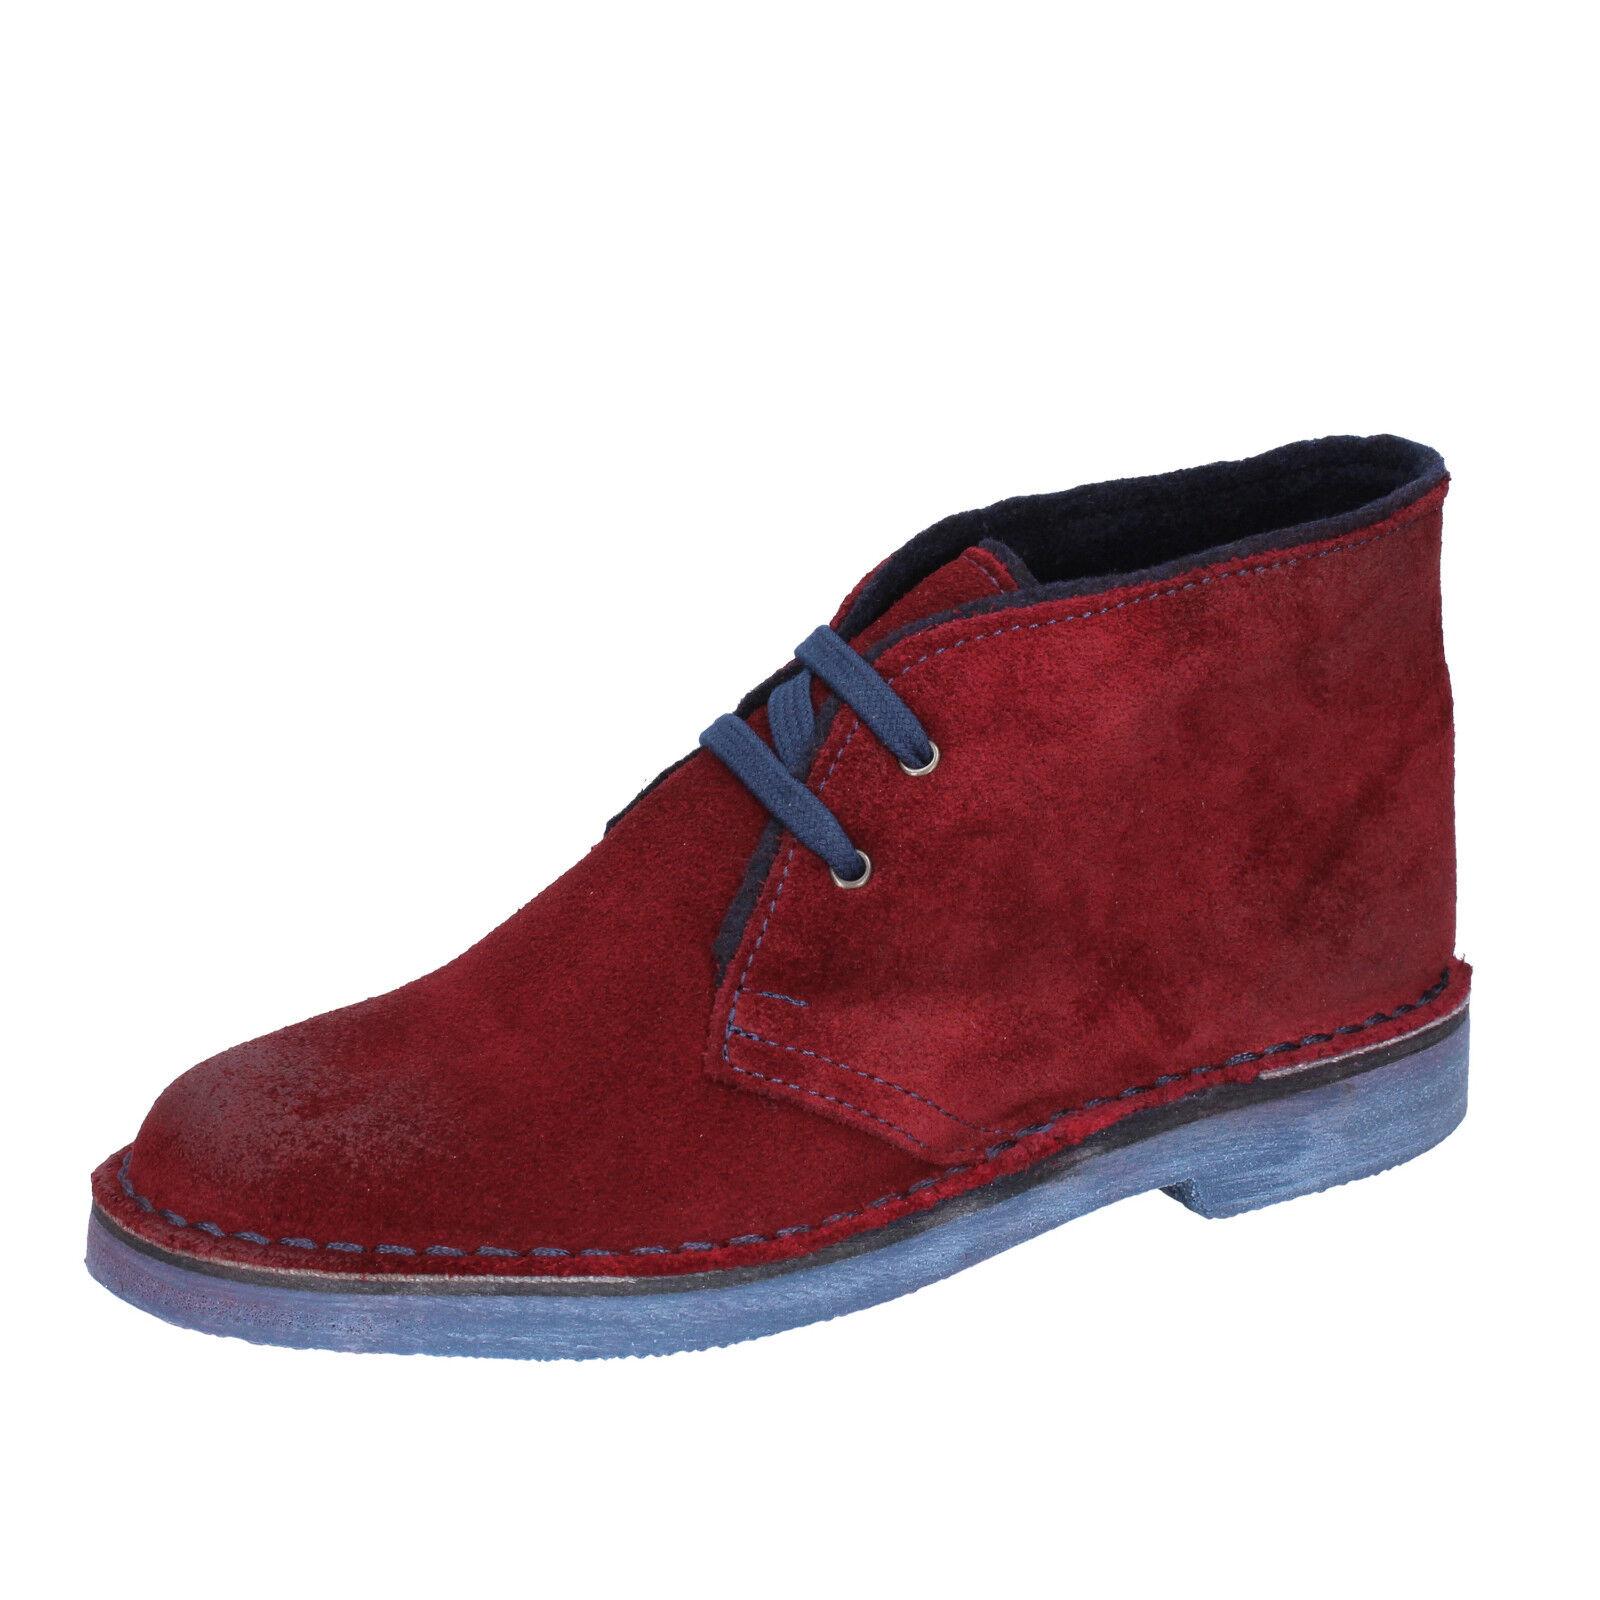 Damen schuhe MISS 20 BY CORAF 38 EU desert boots burgund wildleder BX663-38